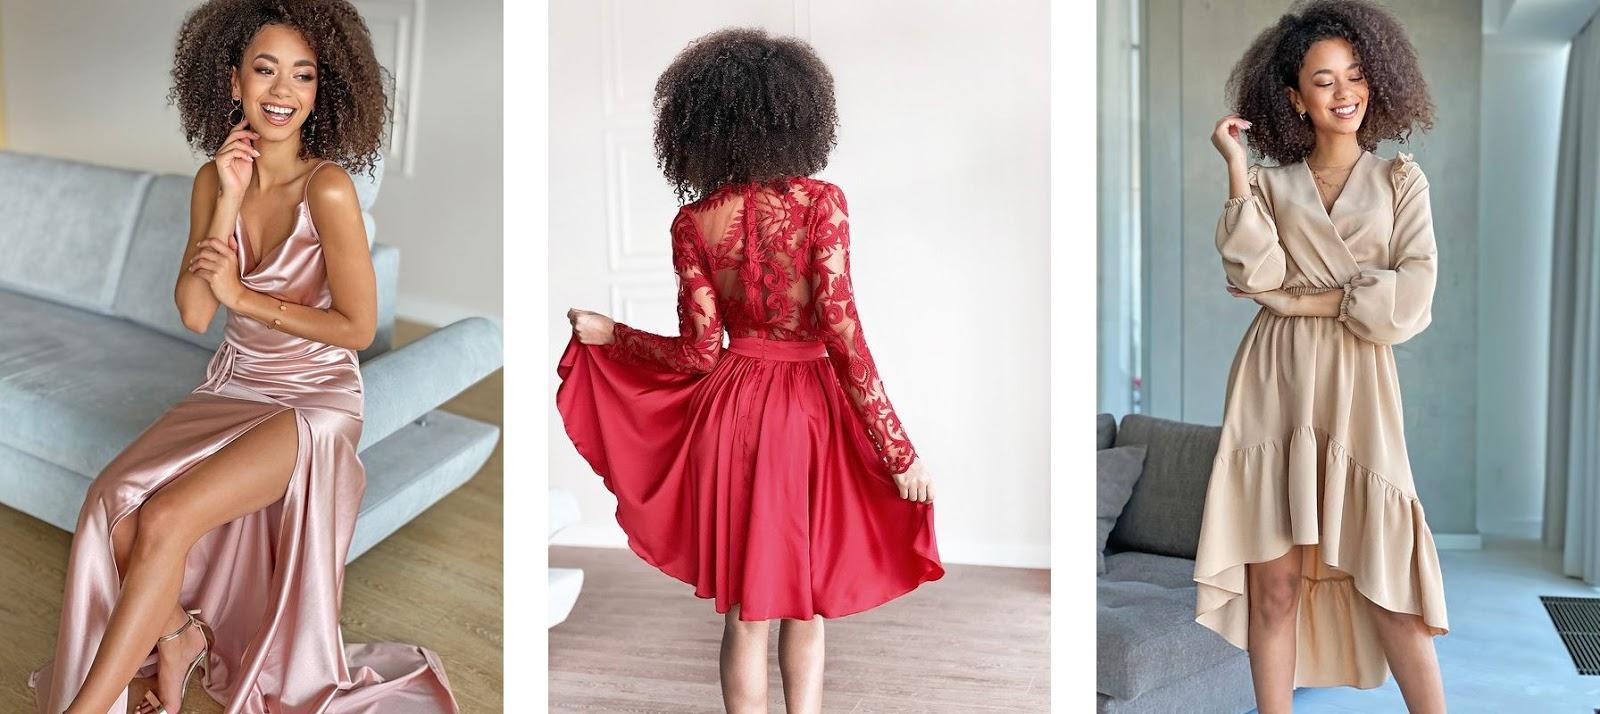 drugie pierwsze sukienki na wesele dla gości sukienka na wesele z długim rękawem z odkrytymi plecami satynowa maxi mini z koronką jaka sukienka na wesele czy wypada zalozyc sukienke na wesele